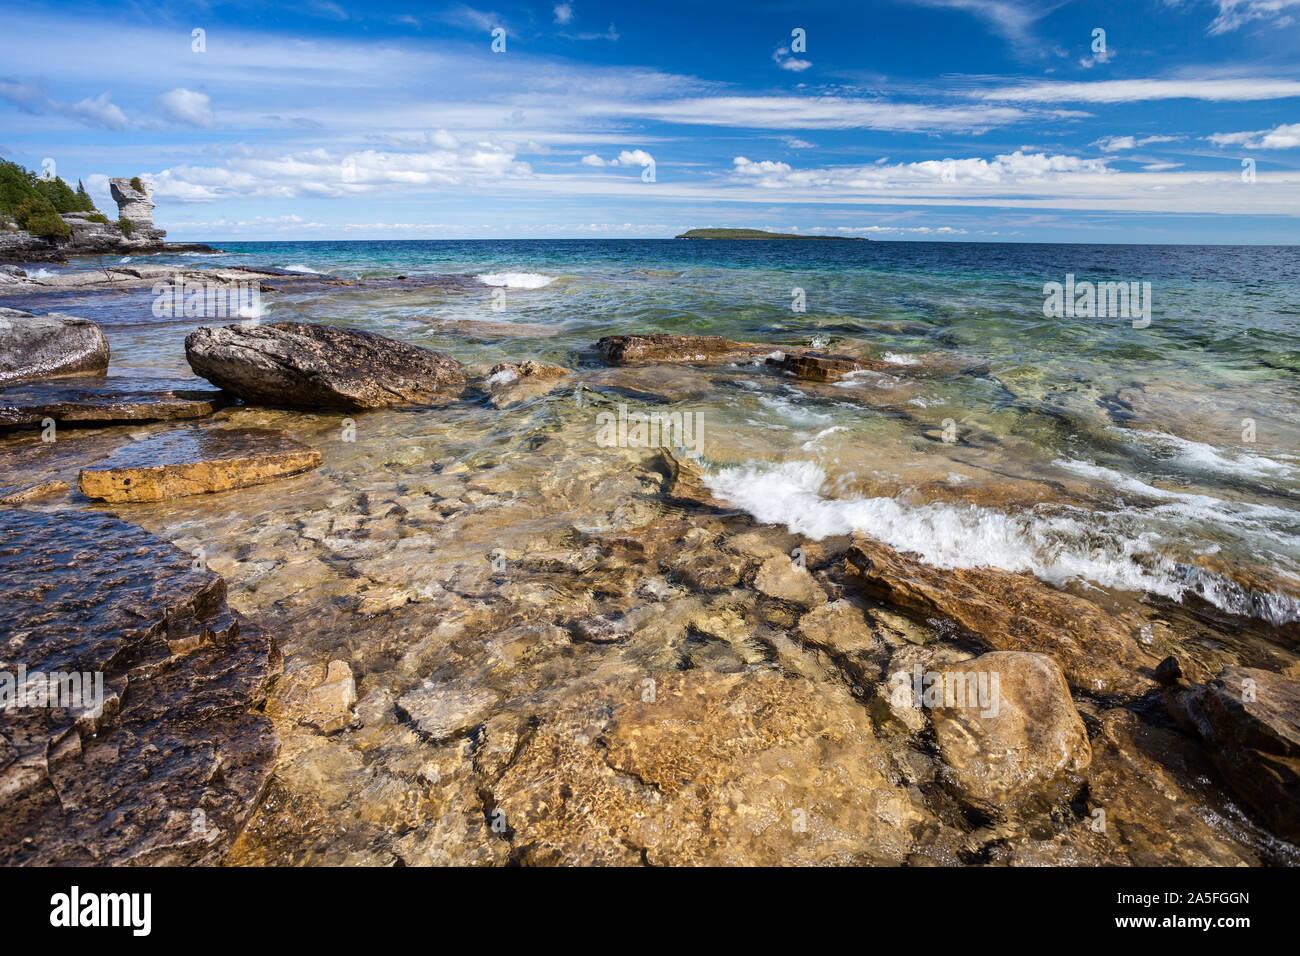 Vista del Lago Huron desde playa de grava de maceta Isla. Ontario, Canadá Foto de stock